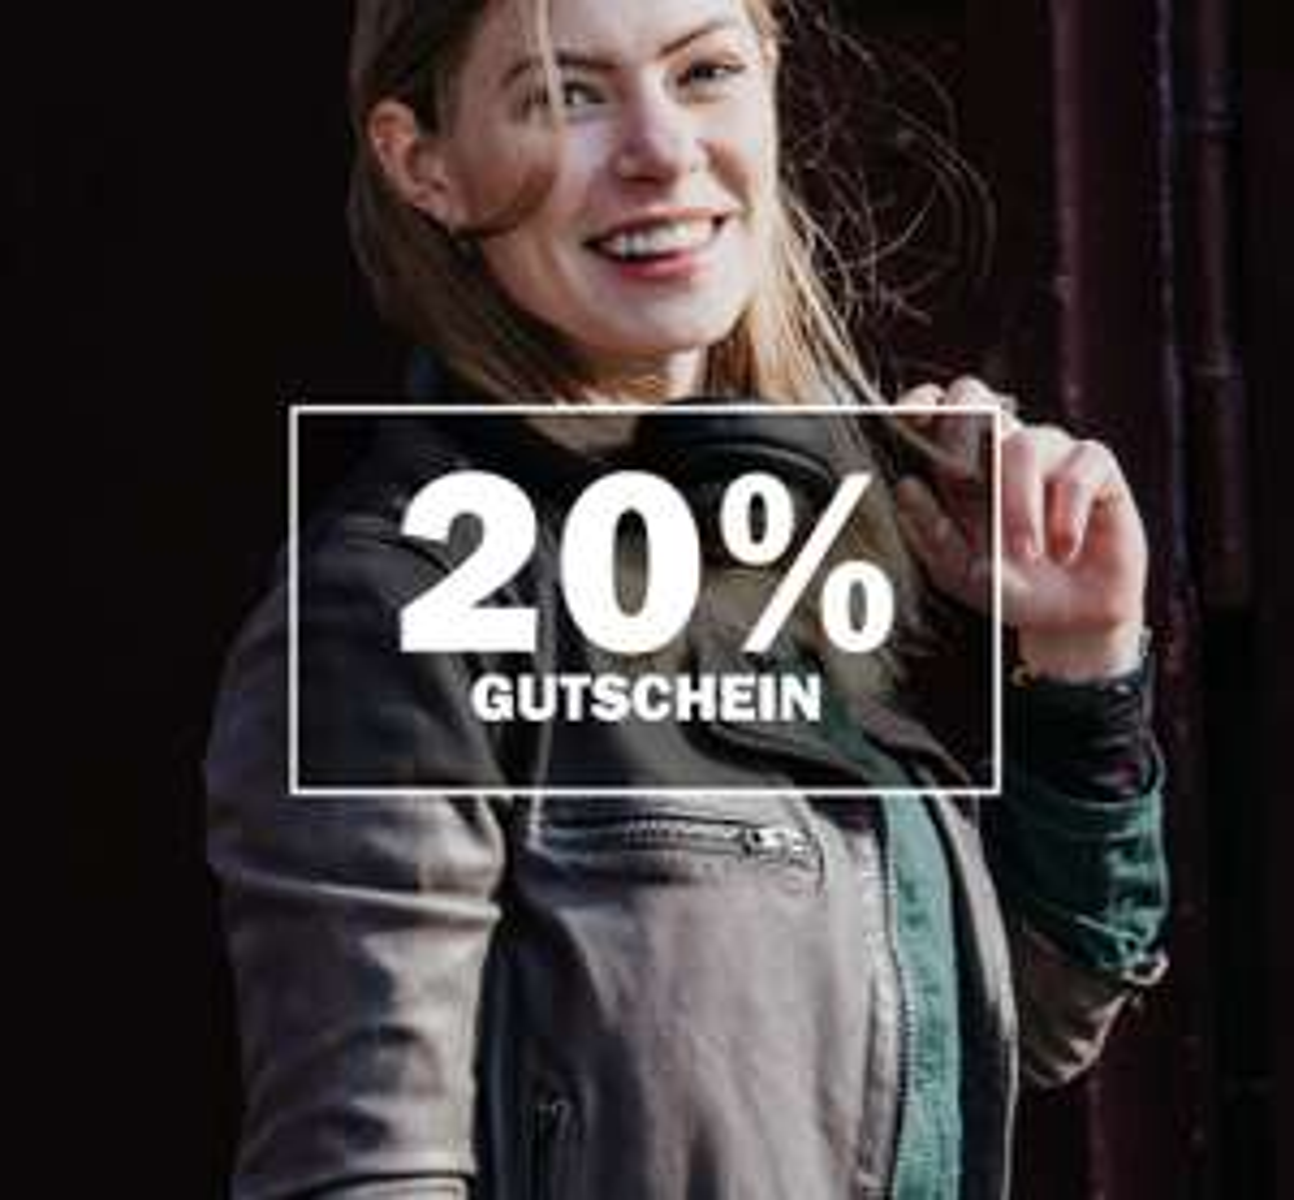 20% Rabatt auf weitere Teufel Produkte